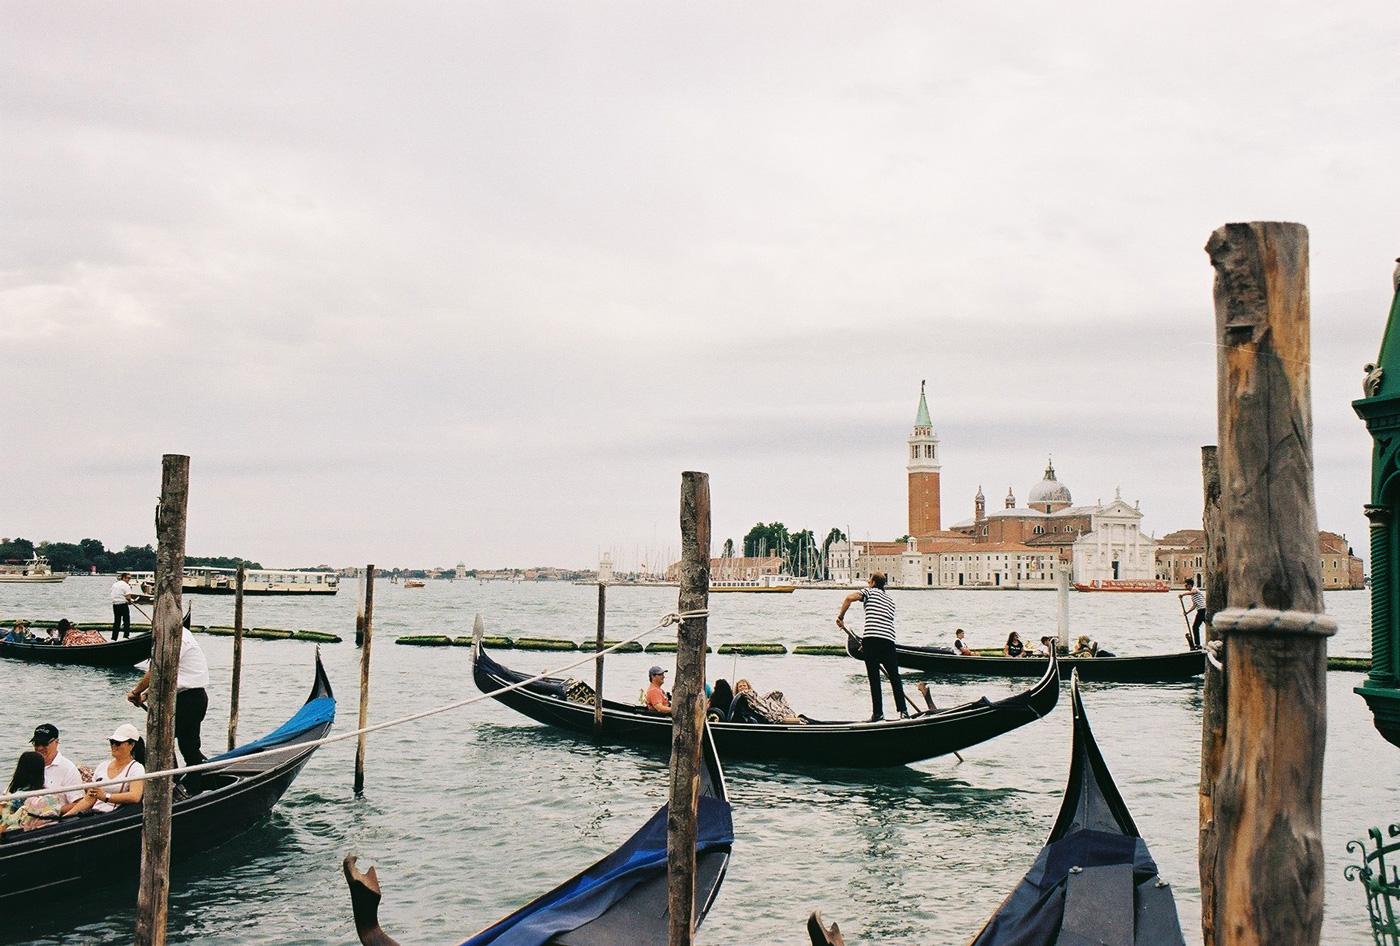 🐬 Канали Венеції настільки очистились, що до них повернулись дельфіни. Цього разу точно — відео